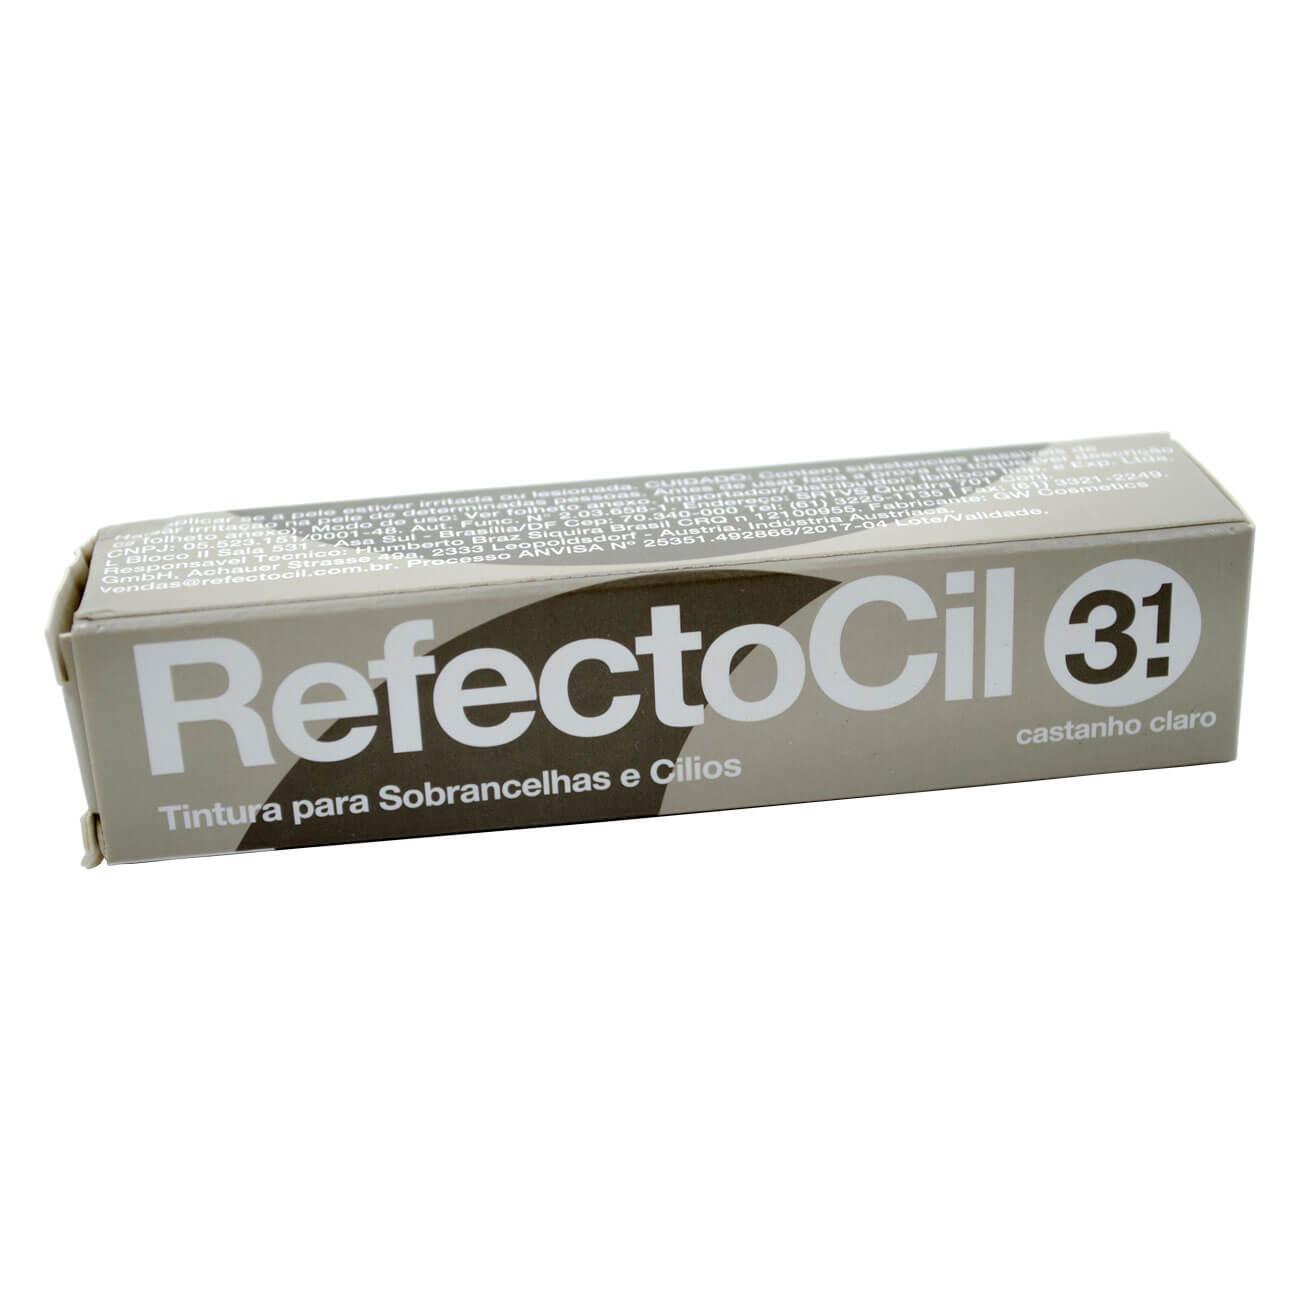 Tintura Refectocil para Cílios e Sobrancelhas Castanho Claro 3.1